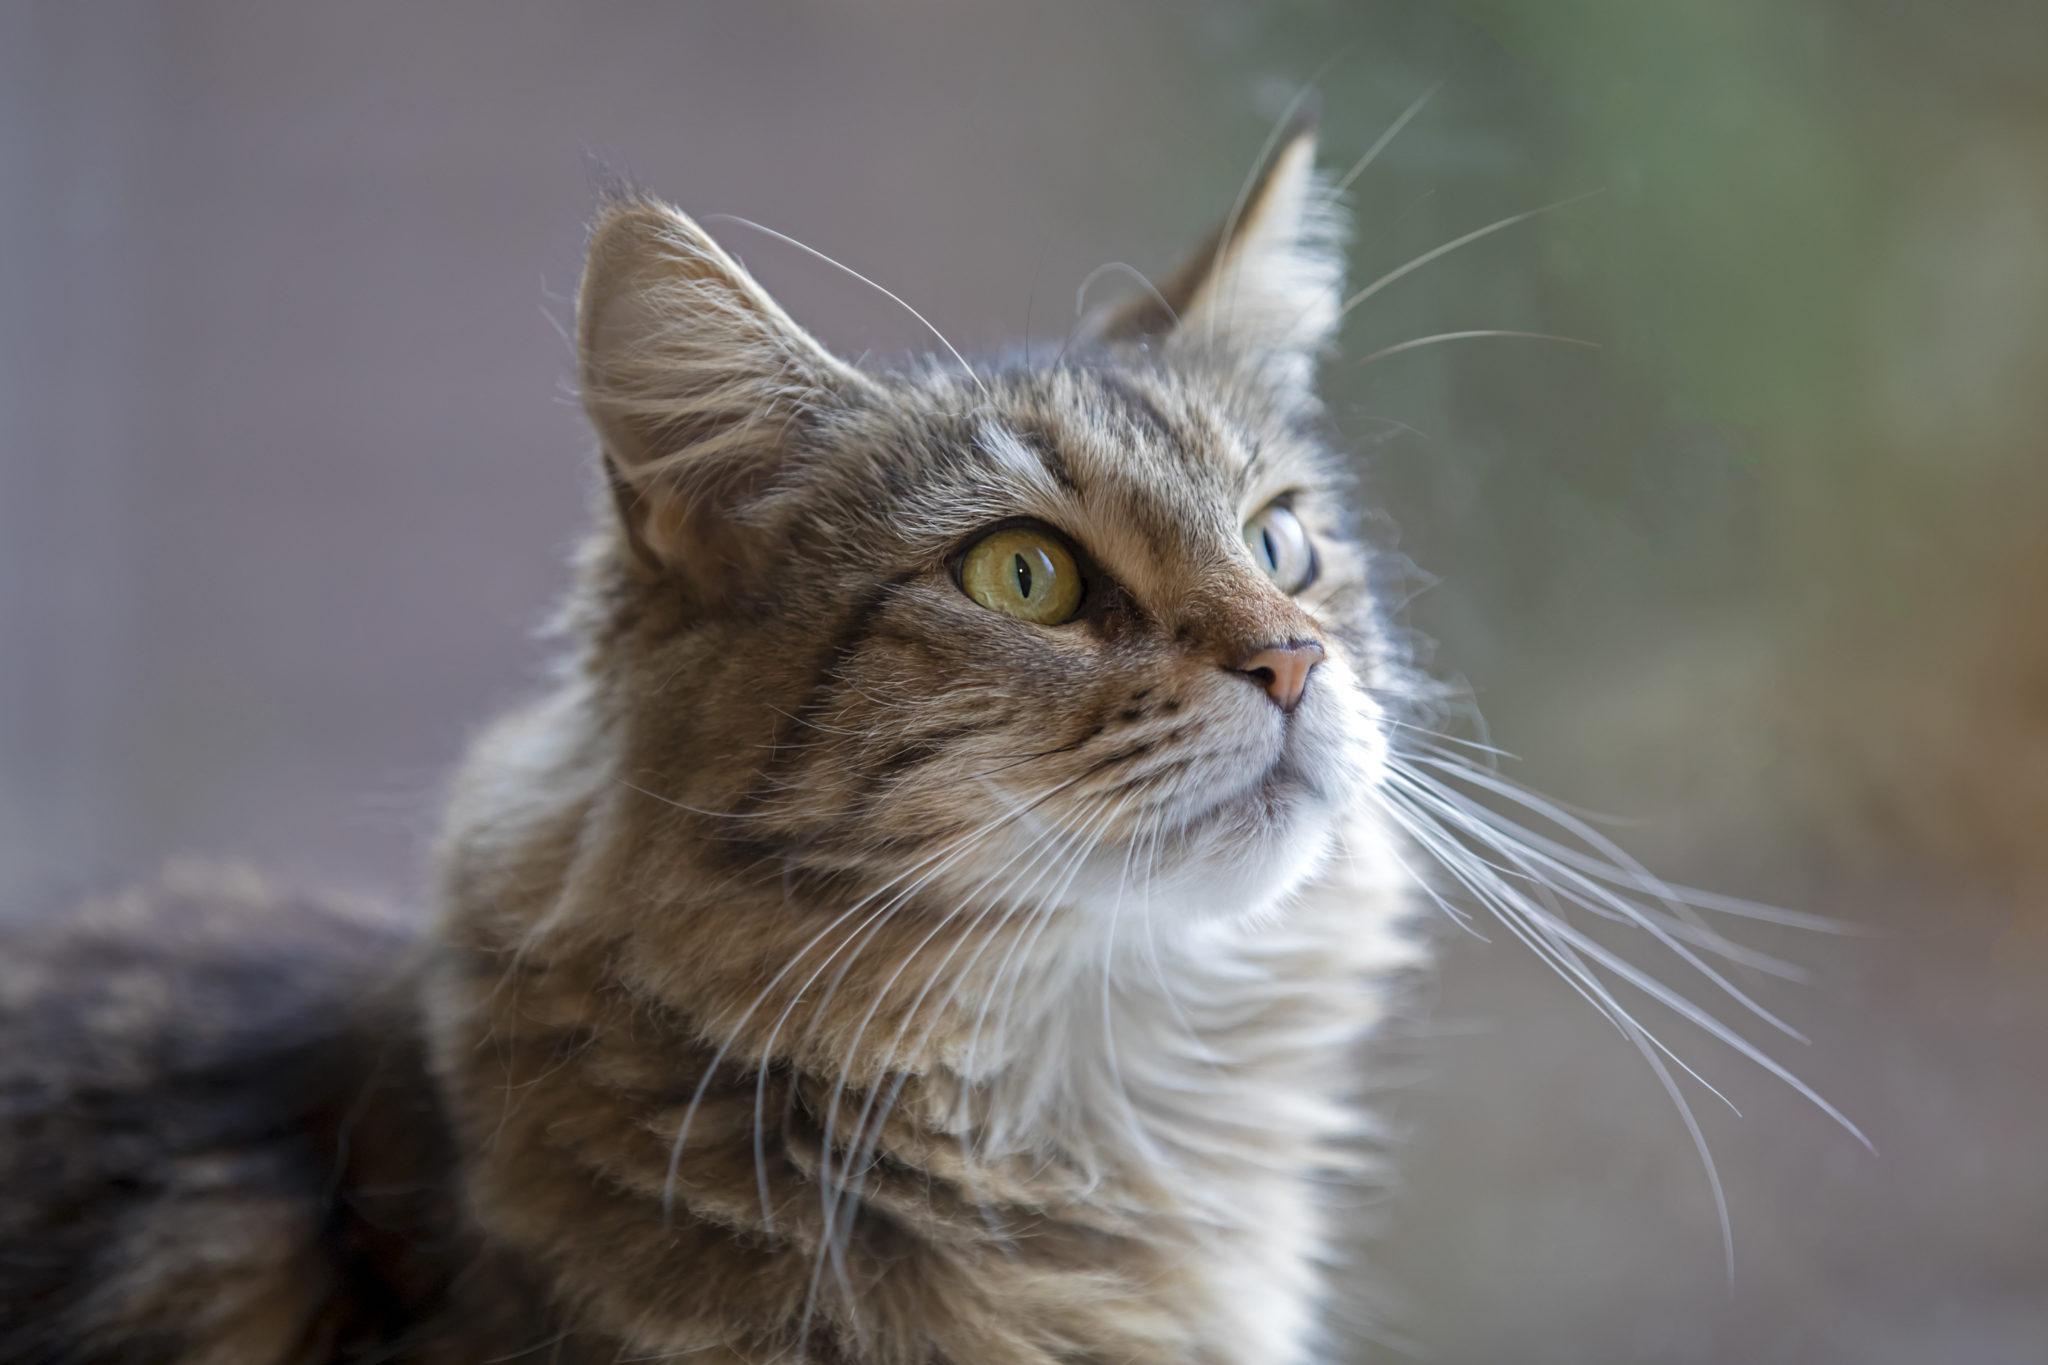 Gato observando fijamente